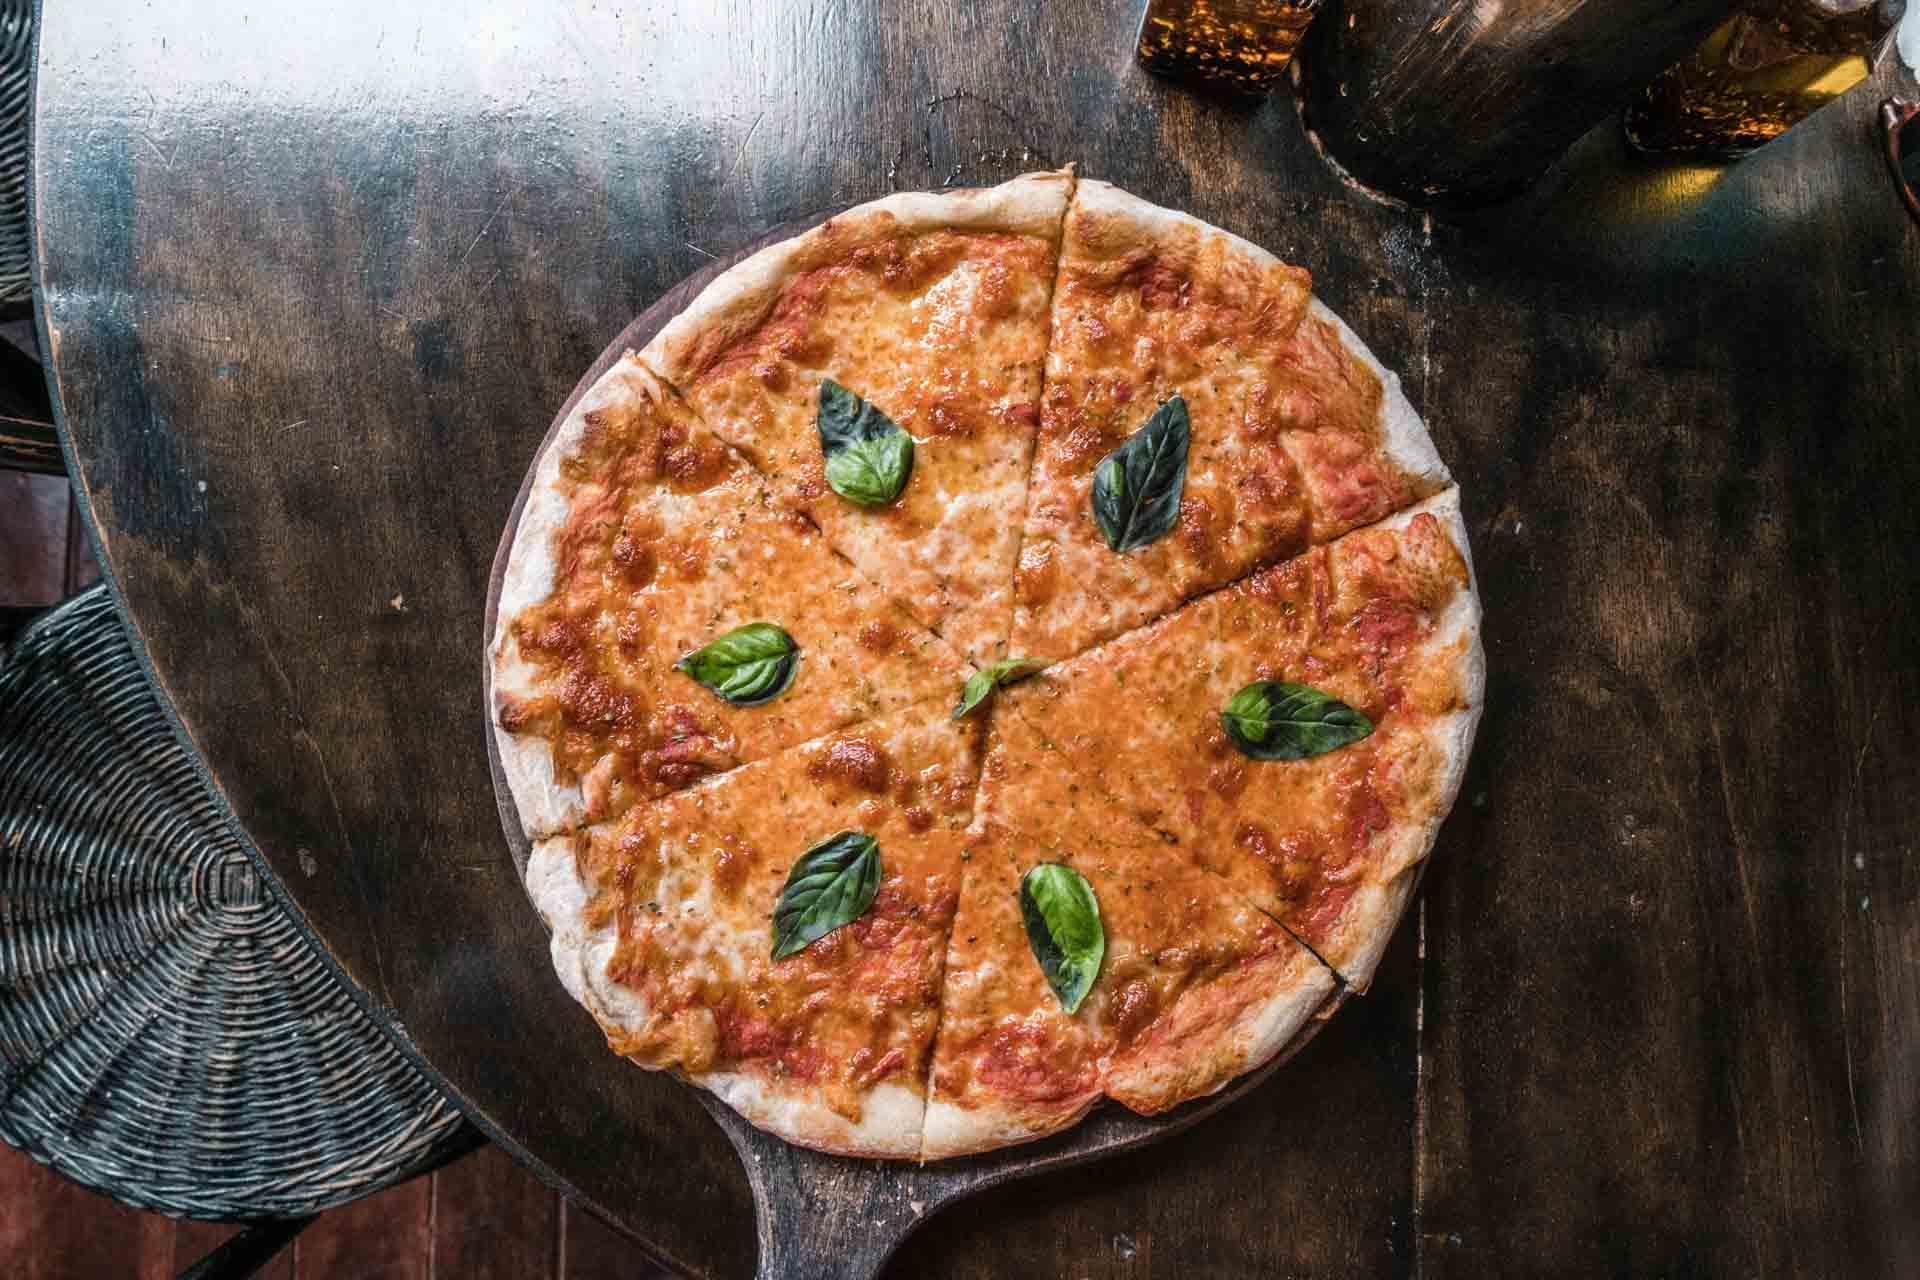 Pizza from Altrove